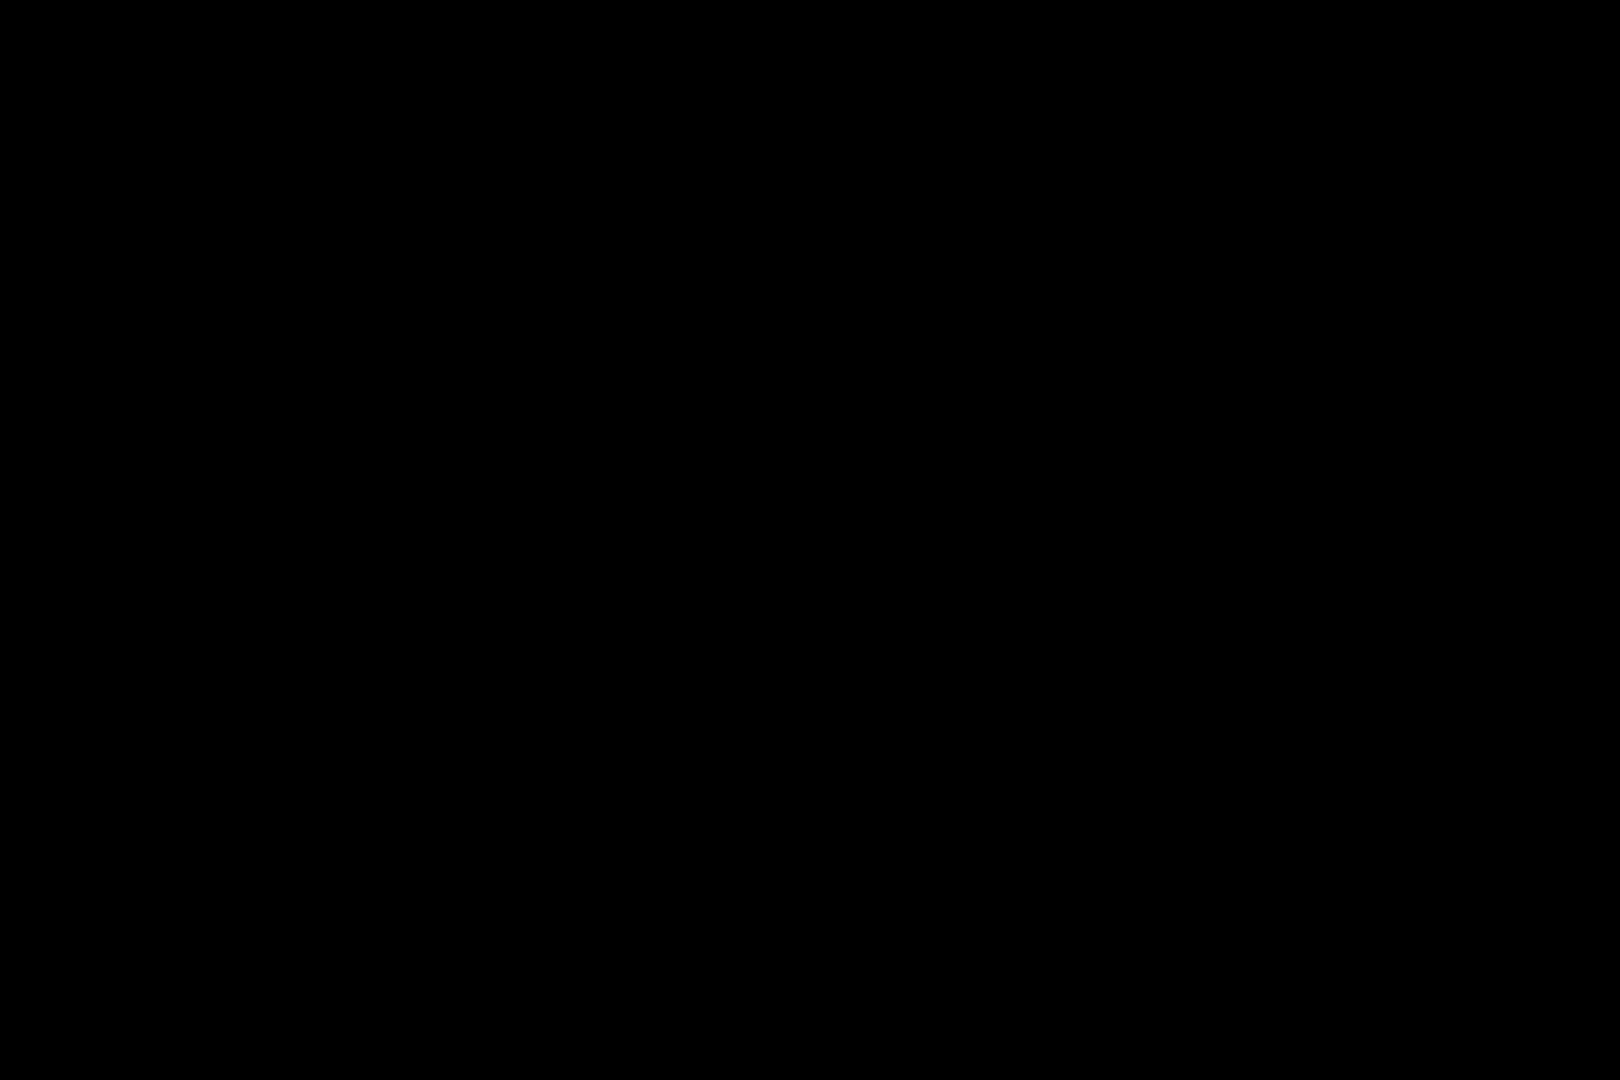 三ツ星シリーズ 魅惑のMemorial Night!! vol.04 悪戯特集 | 三ツ星天国 ゲイ無料エロ画像 114枚 2